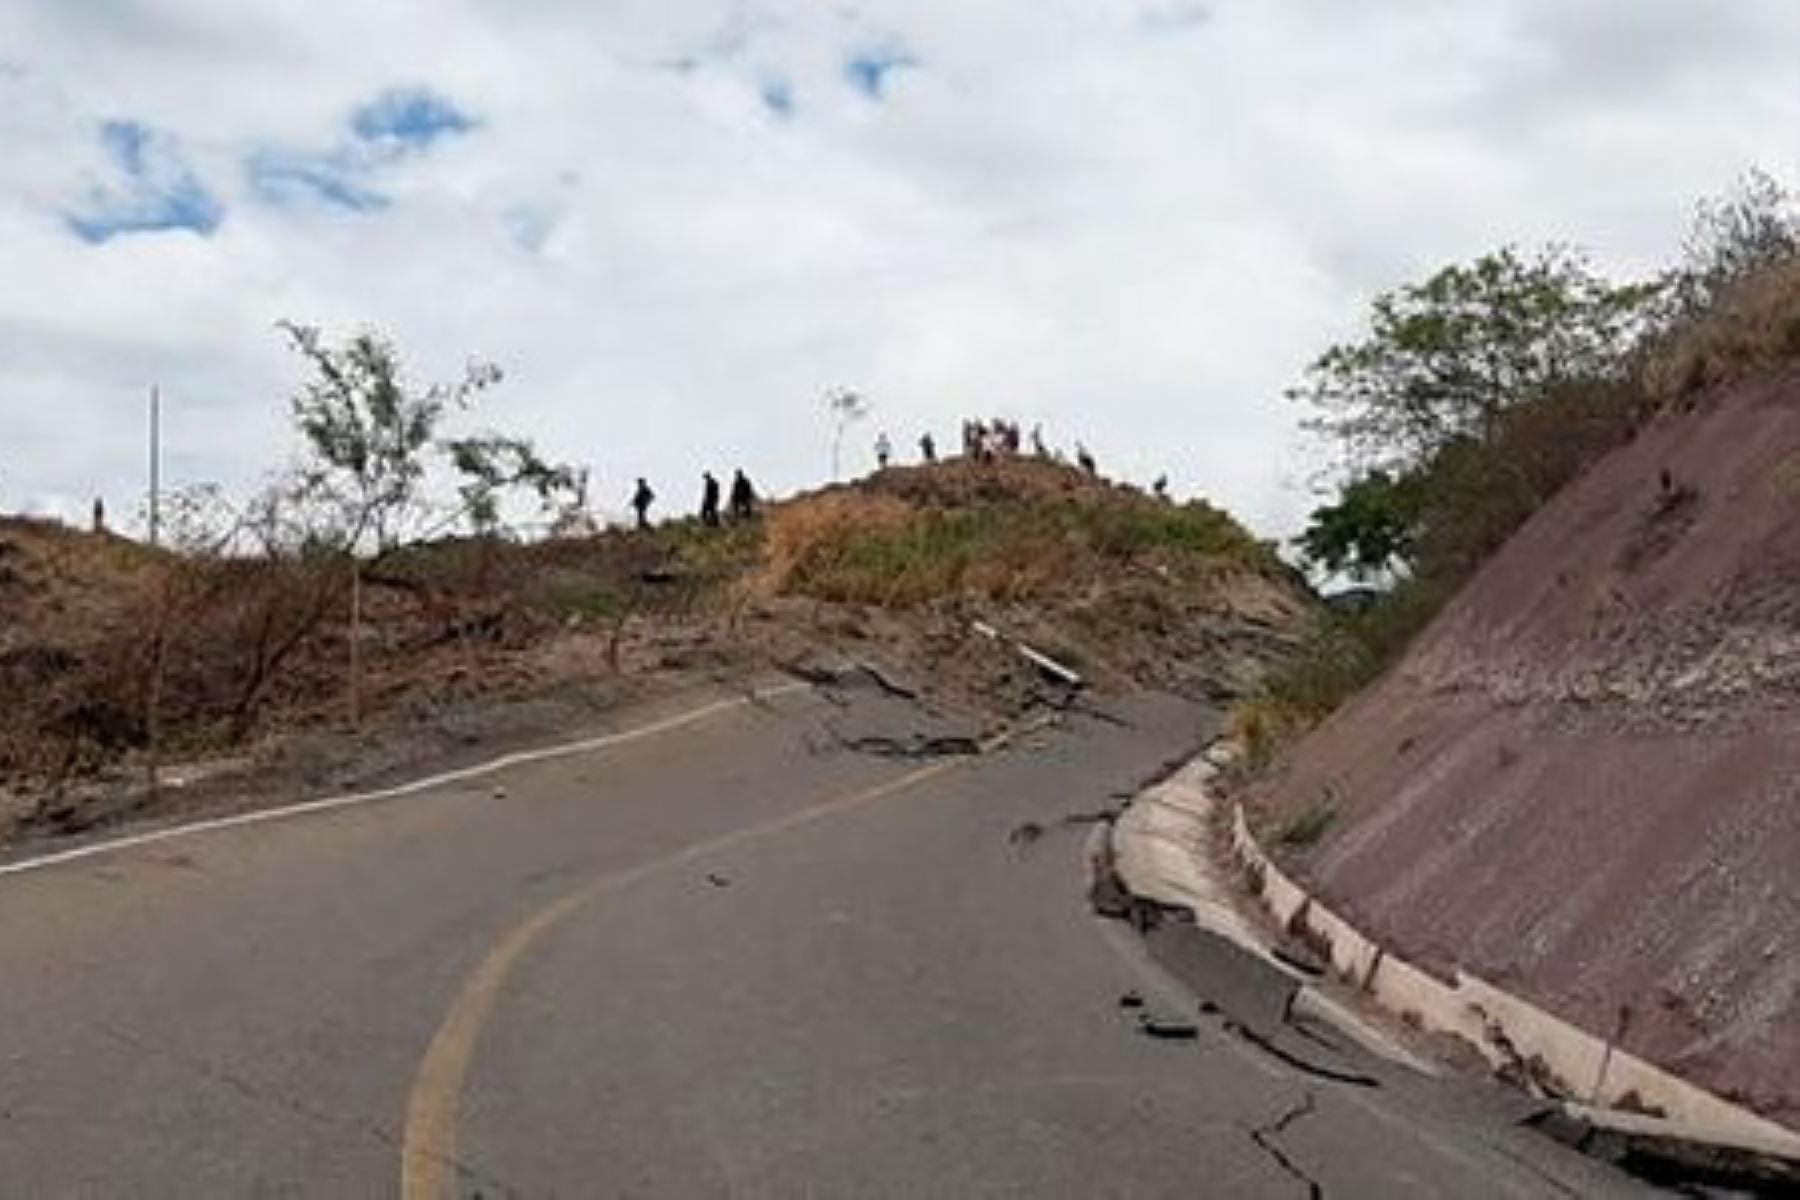 Movimiento de masa de tierra causa daños en camino de región Amazonas. Foto: INTERNET/Medios